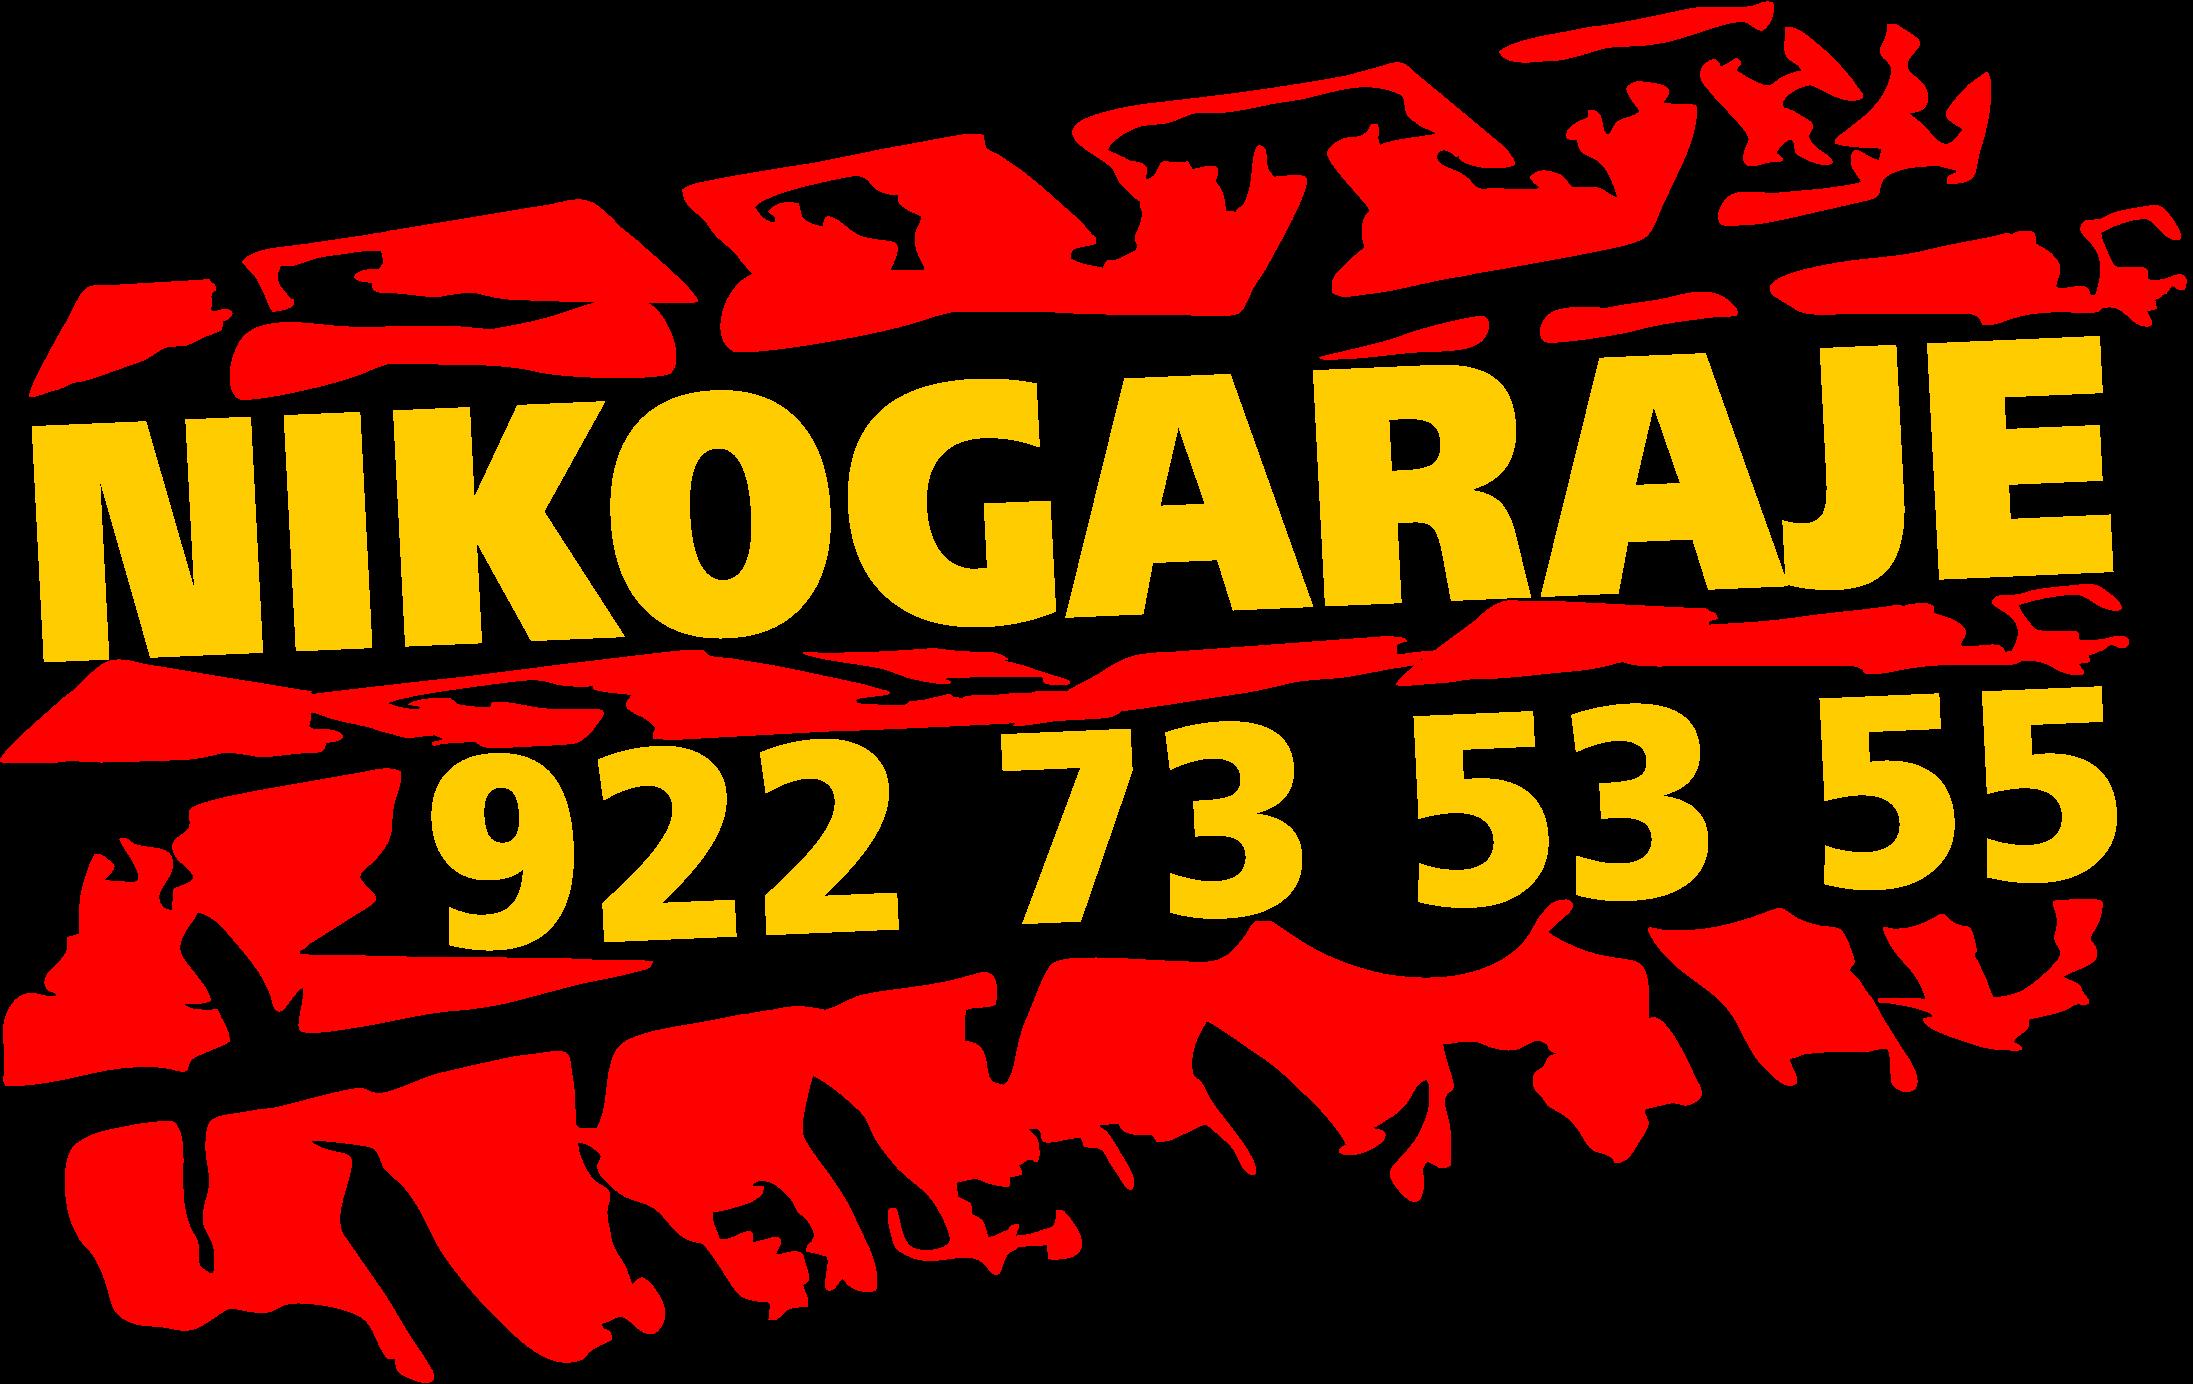 Nikogaraje